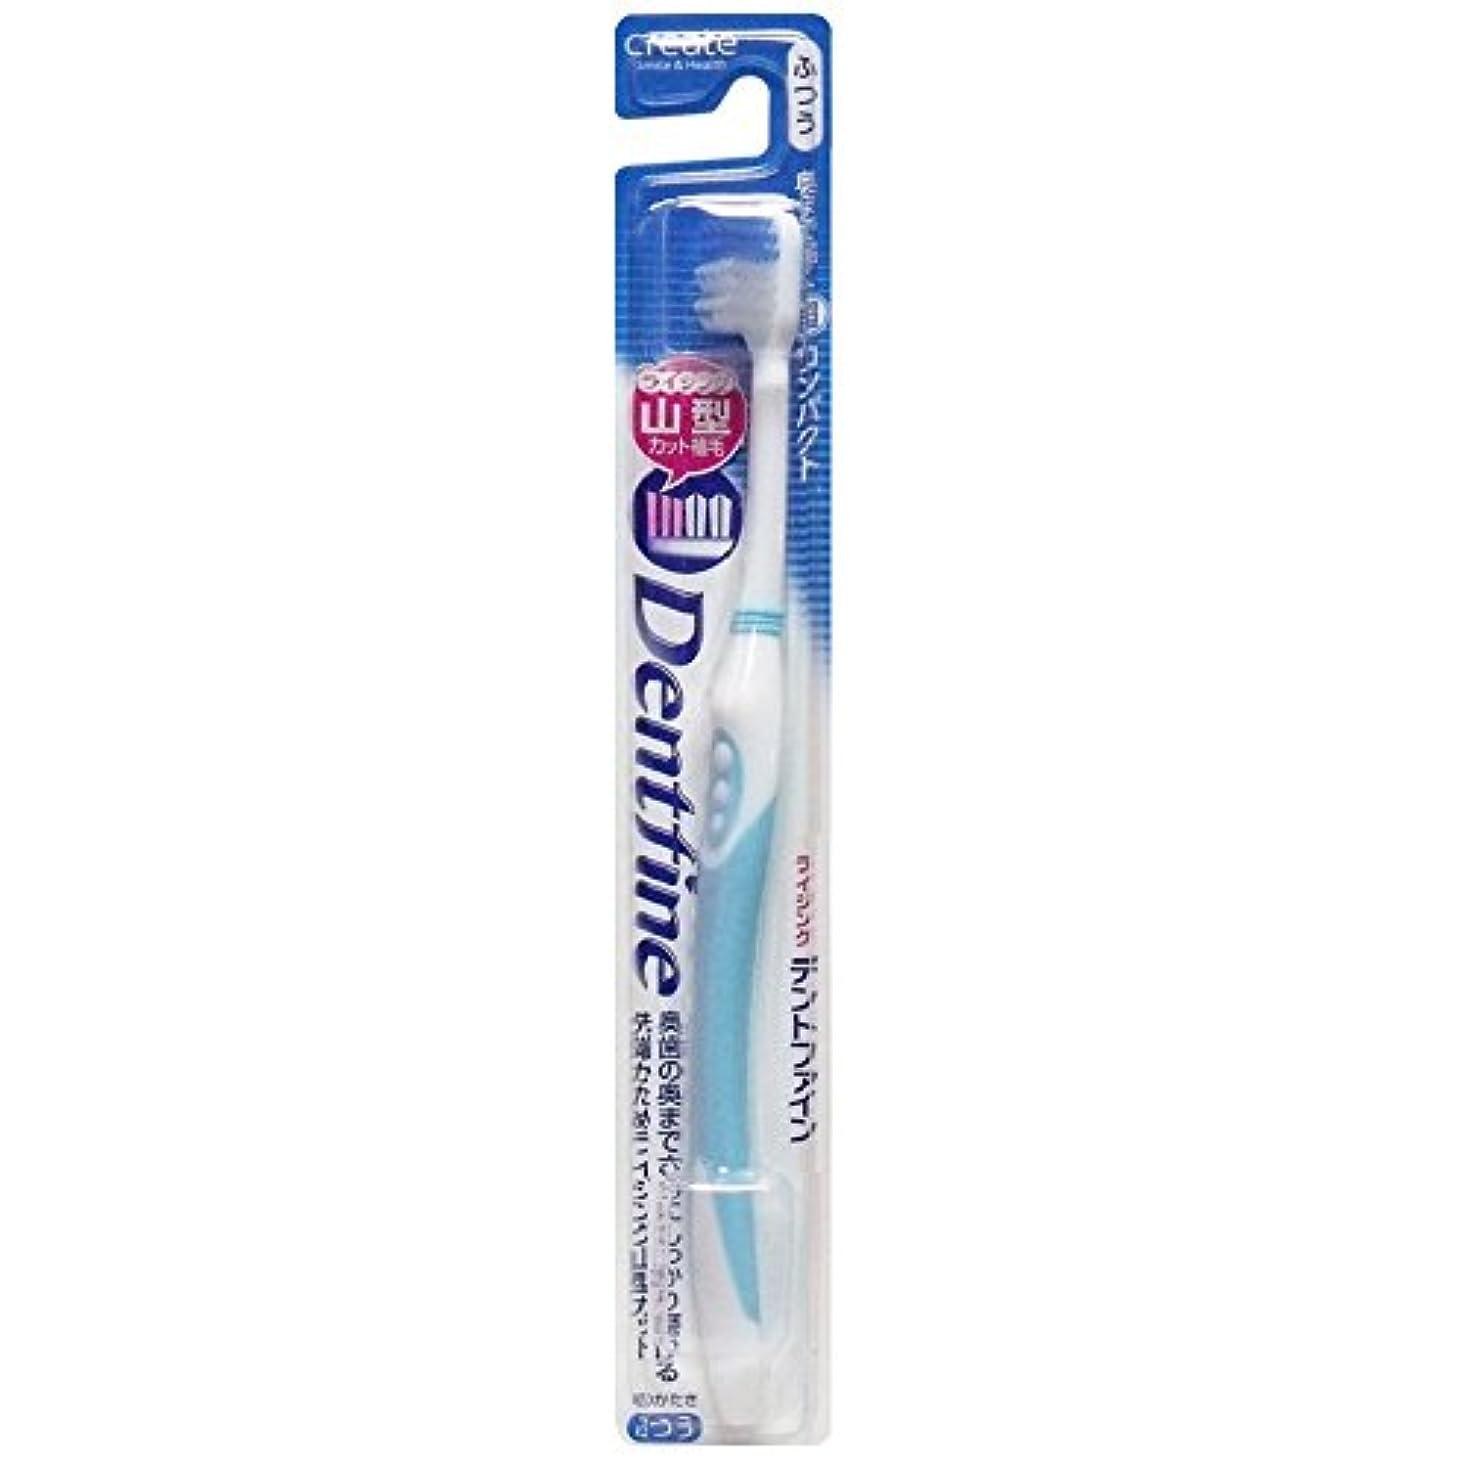 やめる革命的意欲デントファイン ピュアスタイル 山切りカット 歯ブラシ ふつう 1本:ブルー